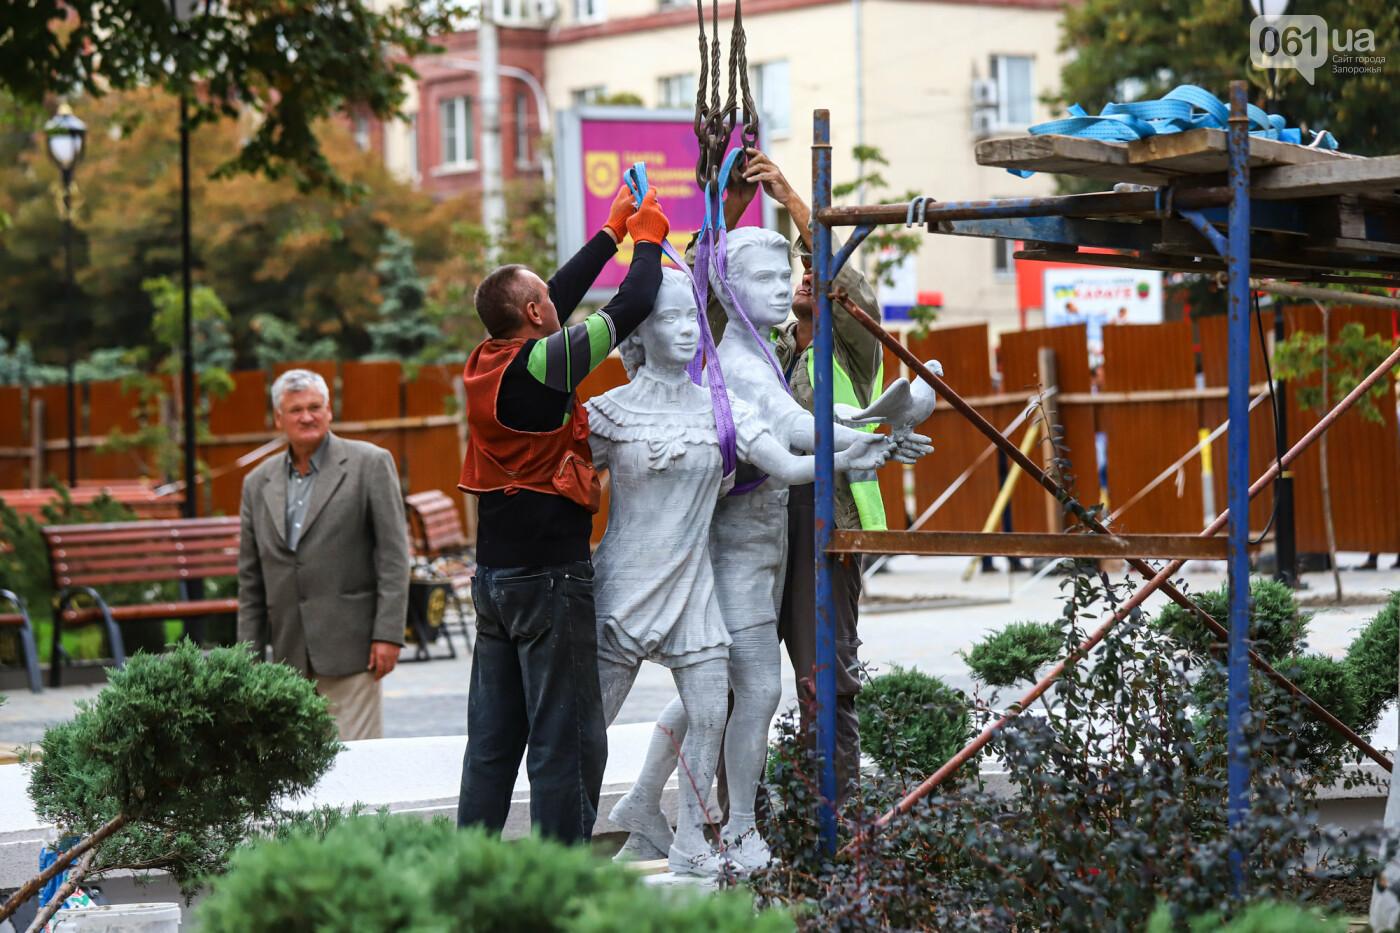 ЛГБТ-прайд, эко-митинг и восстановленные скульптуры в сквере Пионеров: сентябрь в фотографиях , фото-143